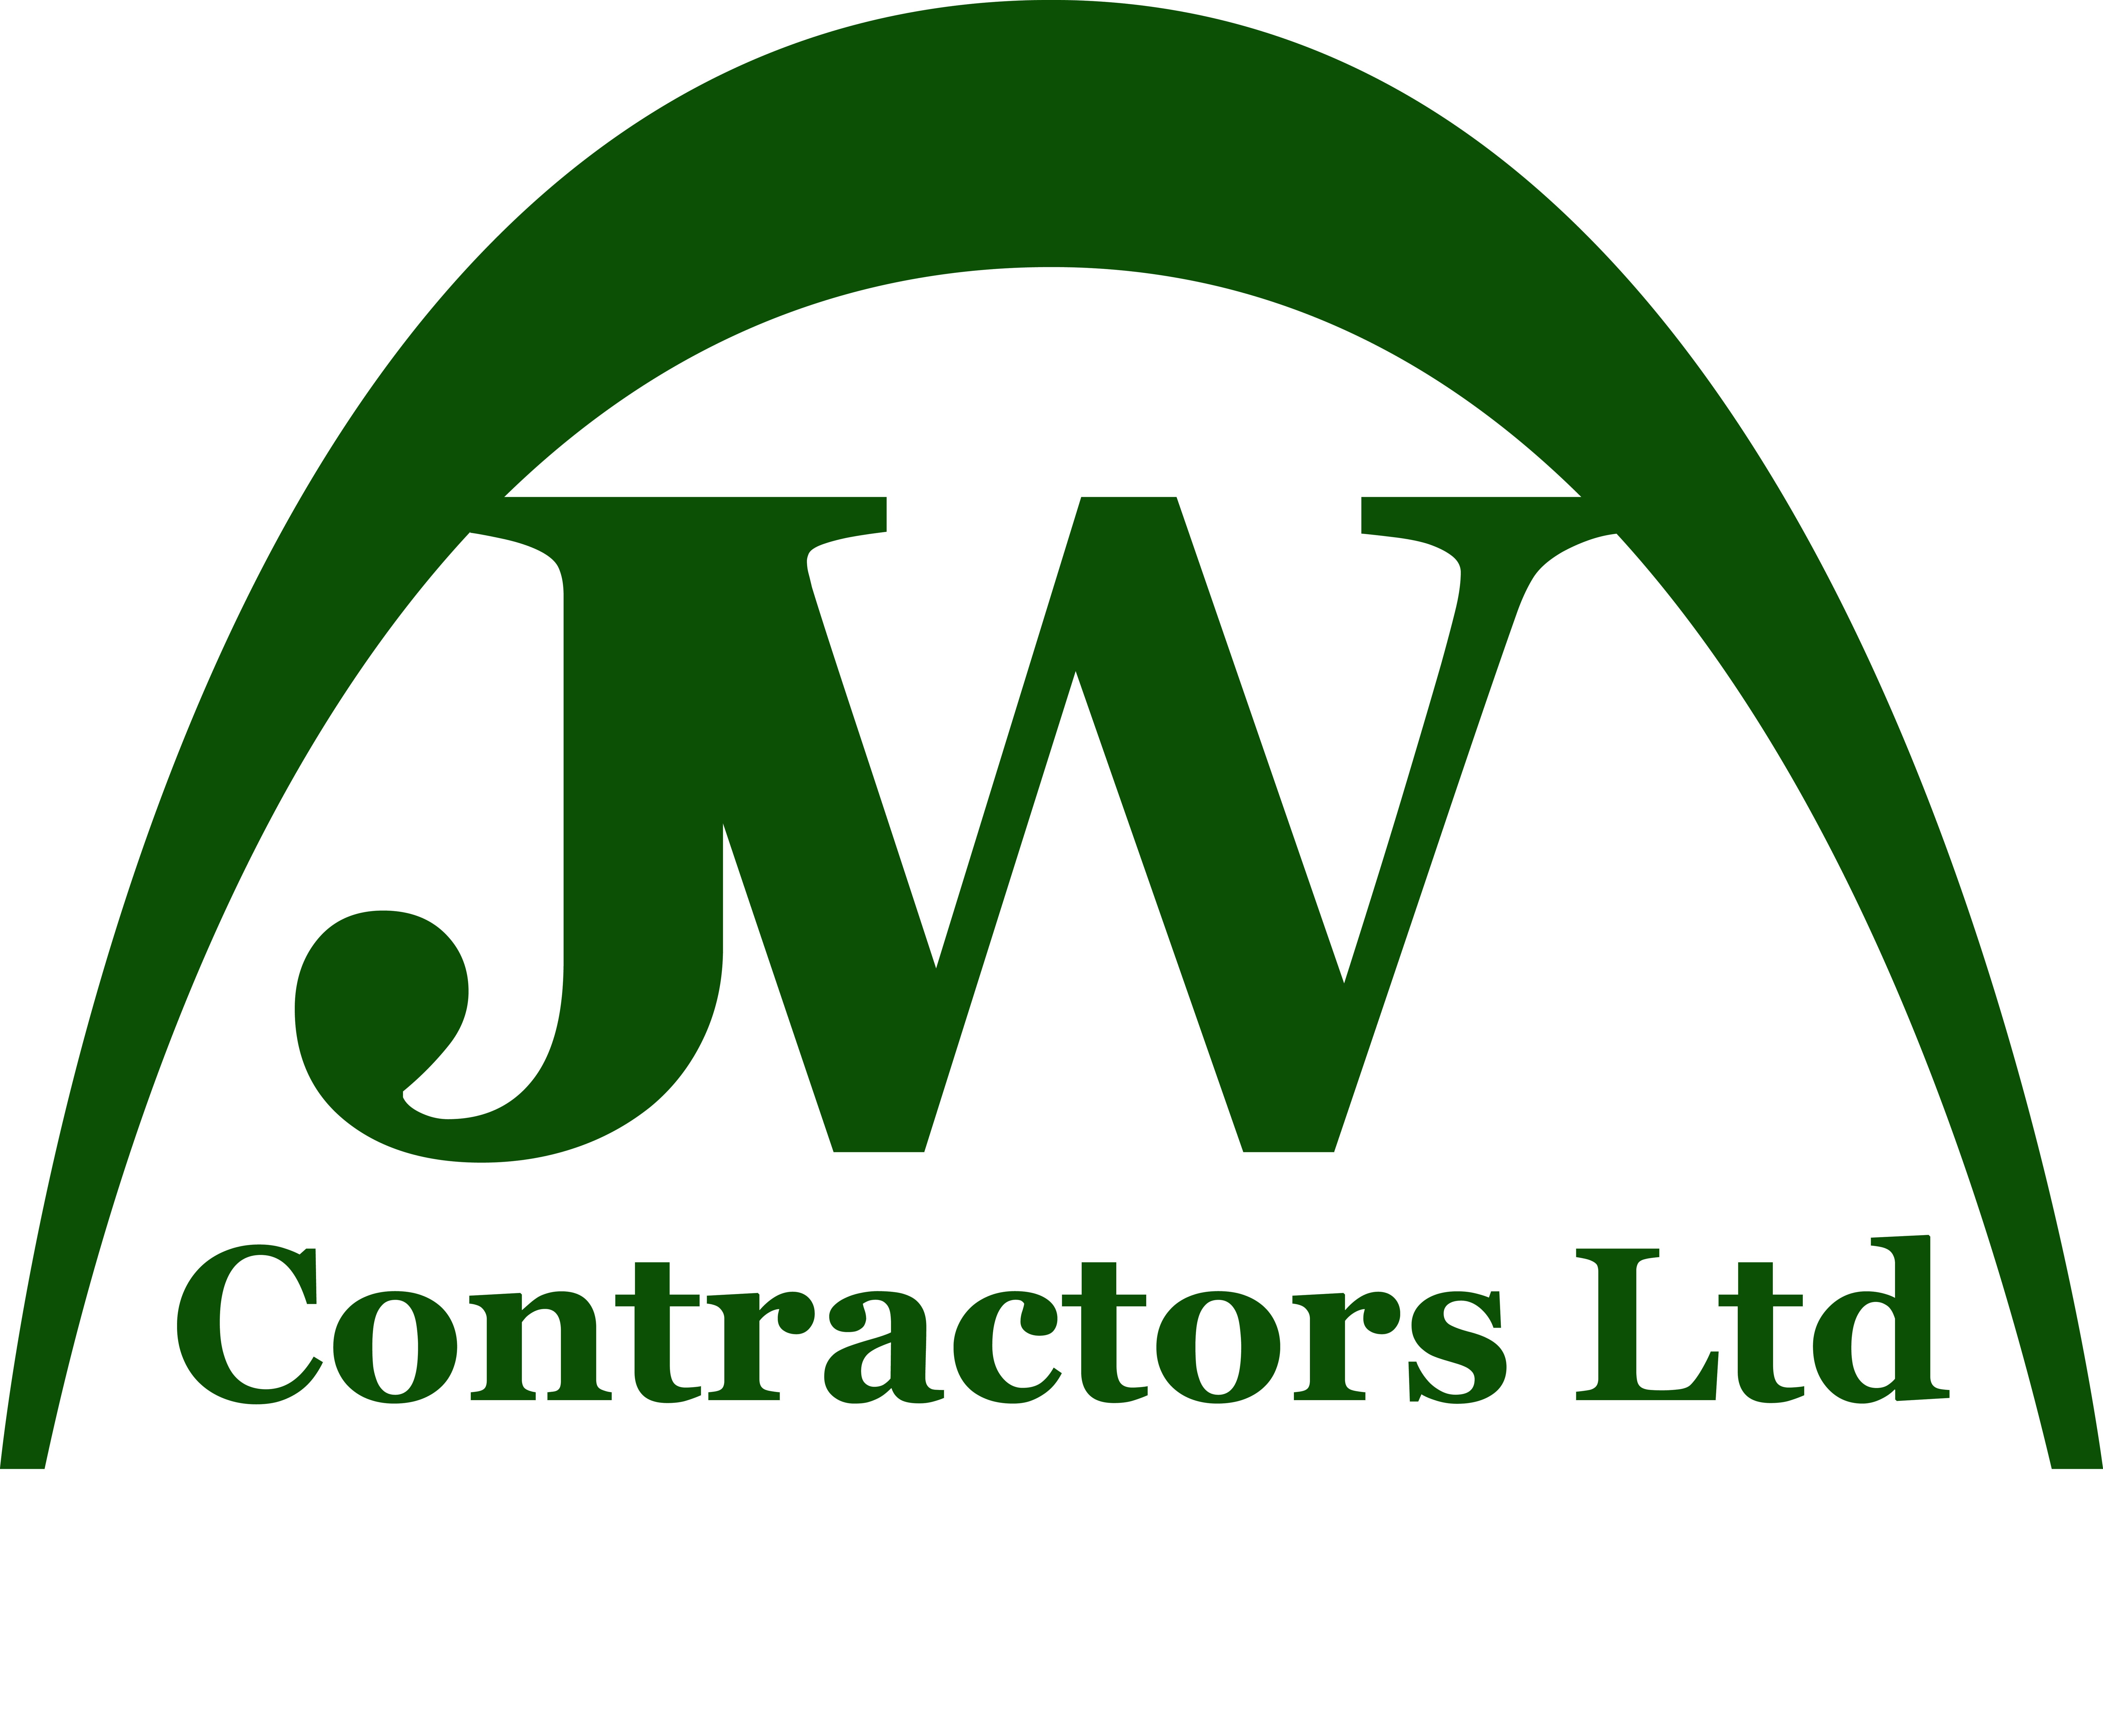 JW Contractors Ltd